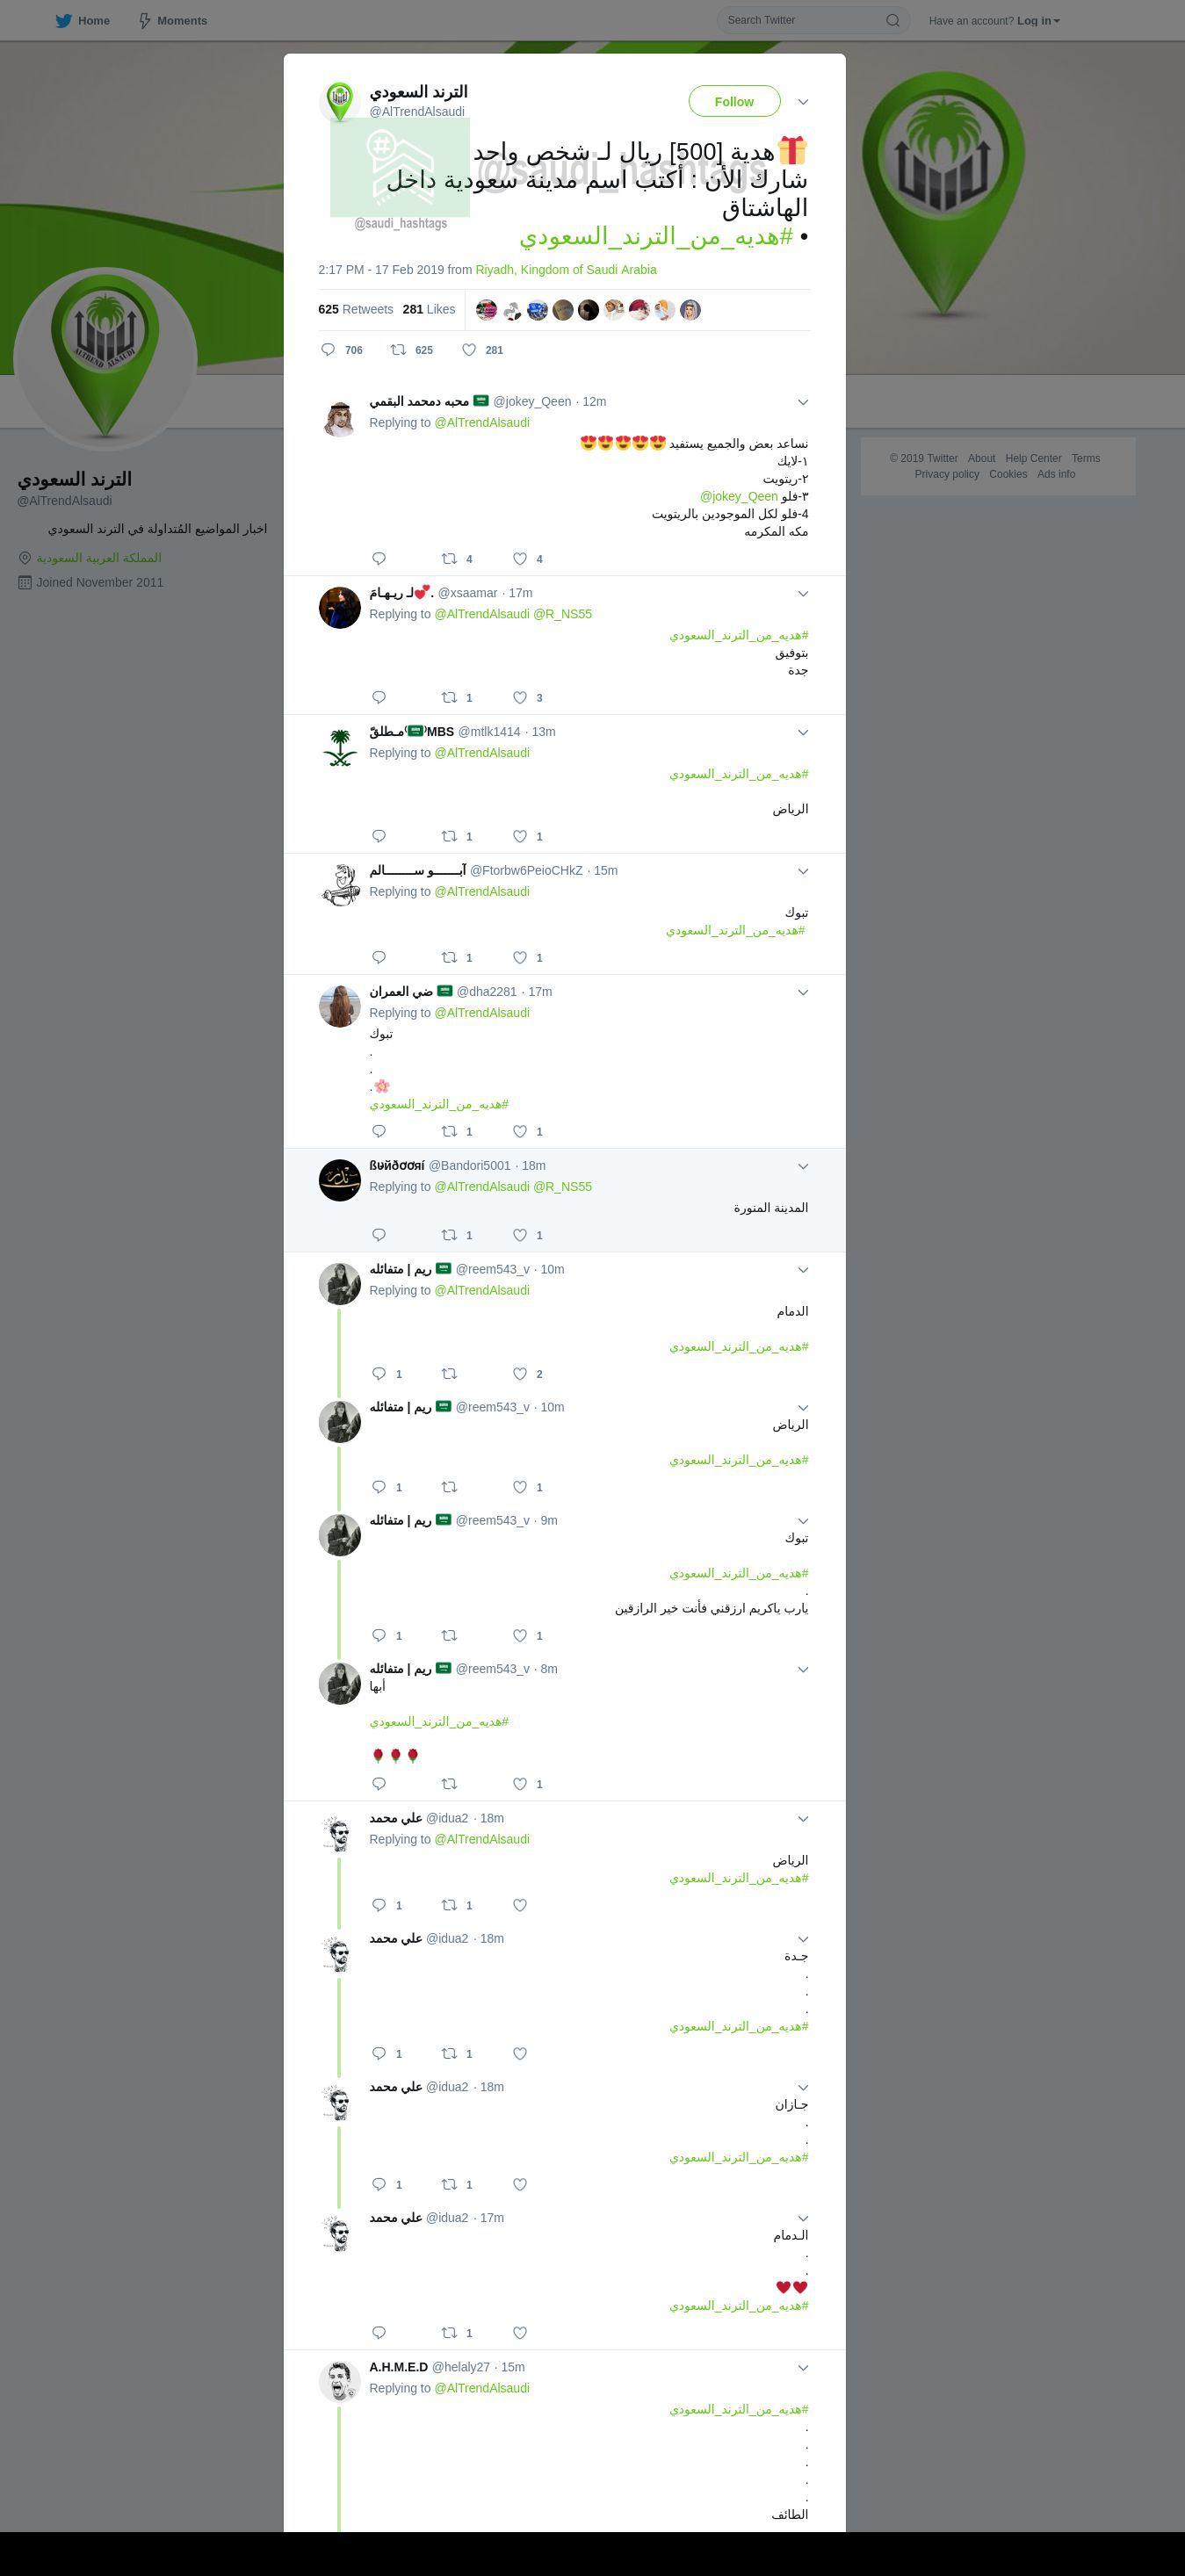 لقطة لاول تغريدة في هاشتاق #هديه_من_الترند_السعودي